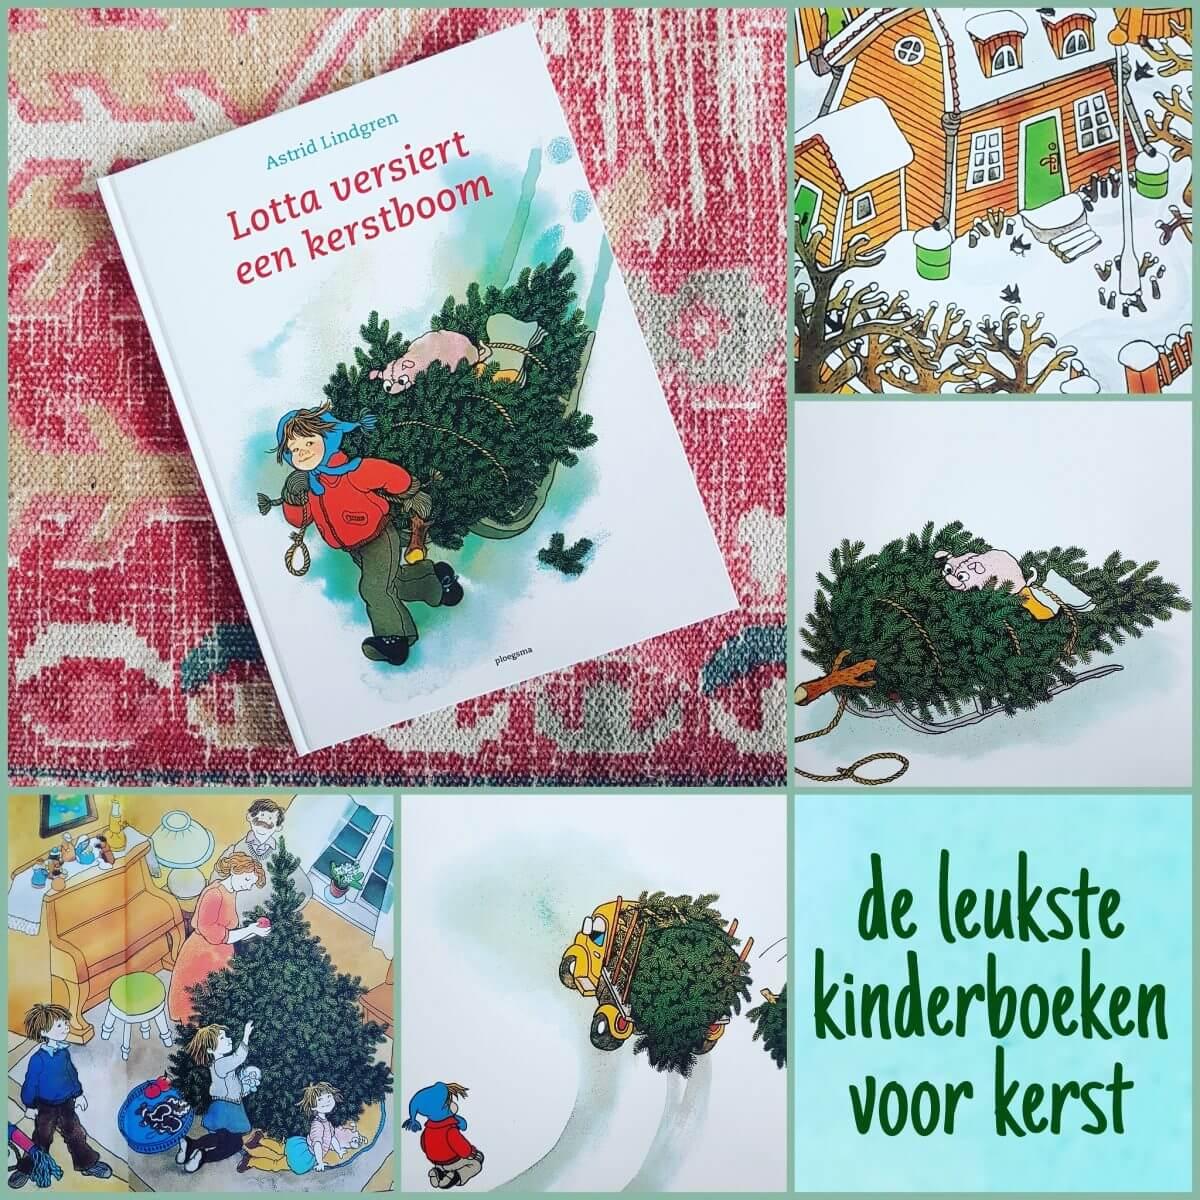 De leukste kinderboeken over kerst - Astrid Lindgren, Lotta versiert een kerstboom